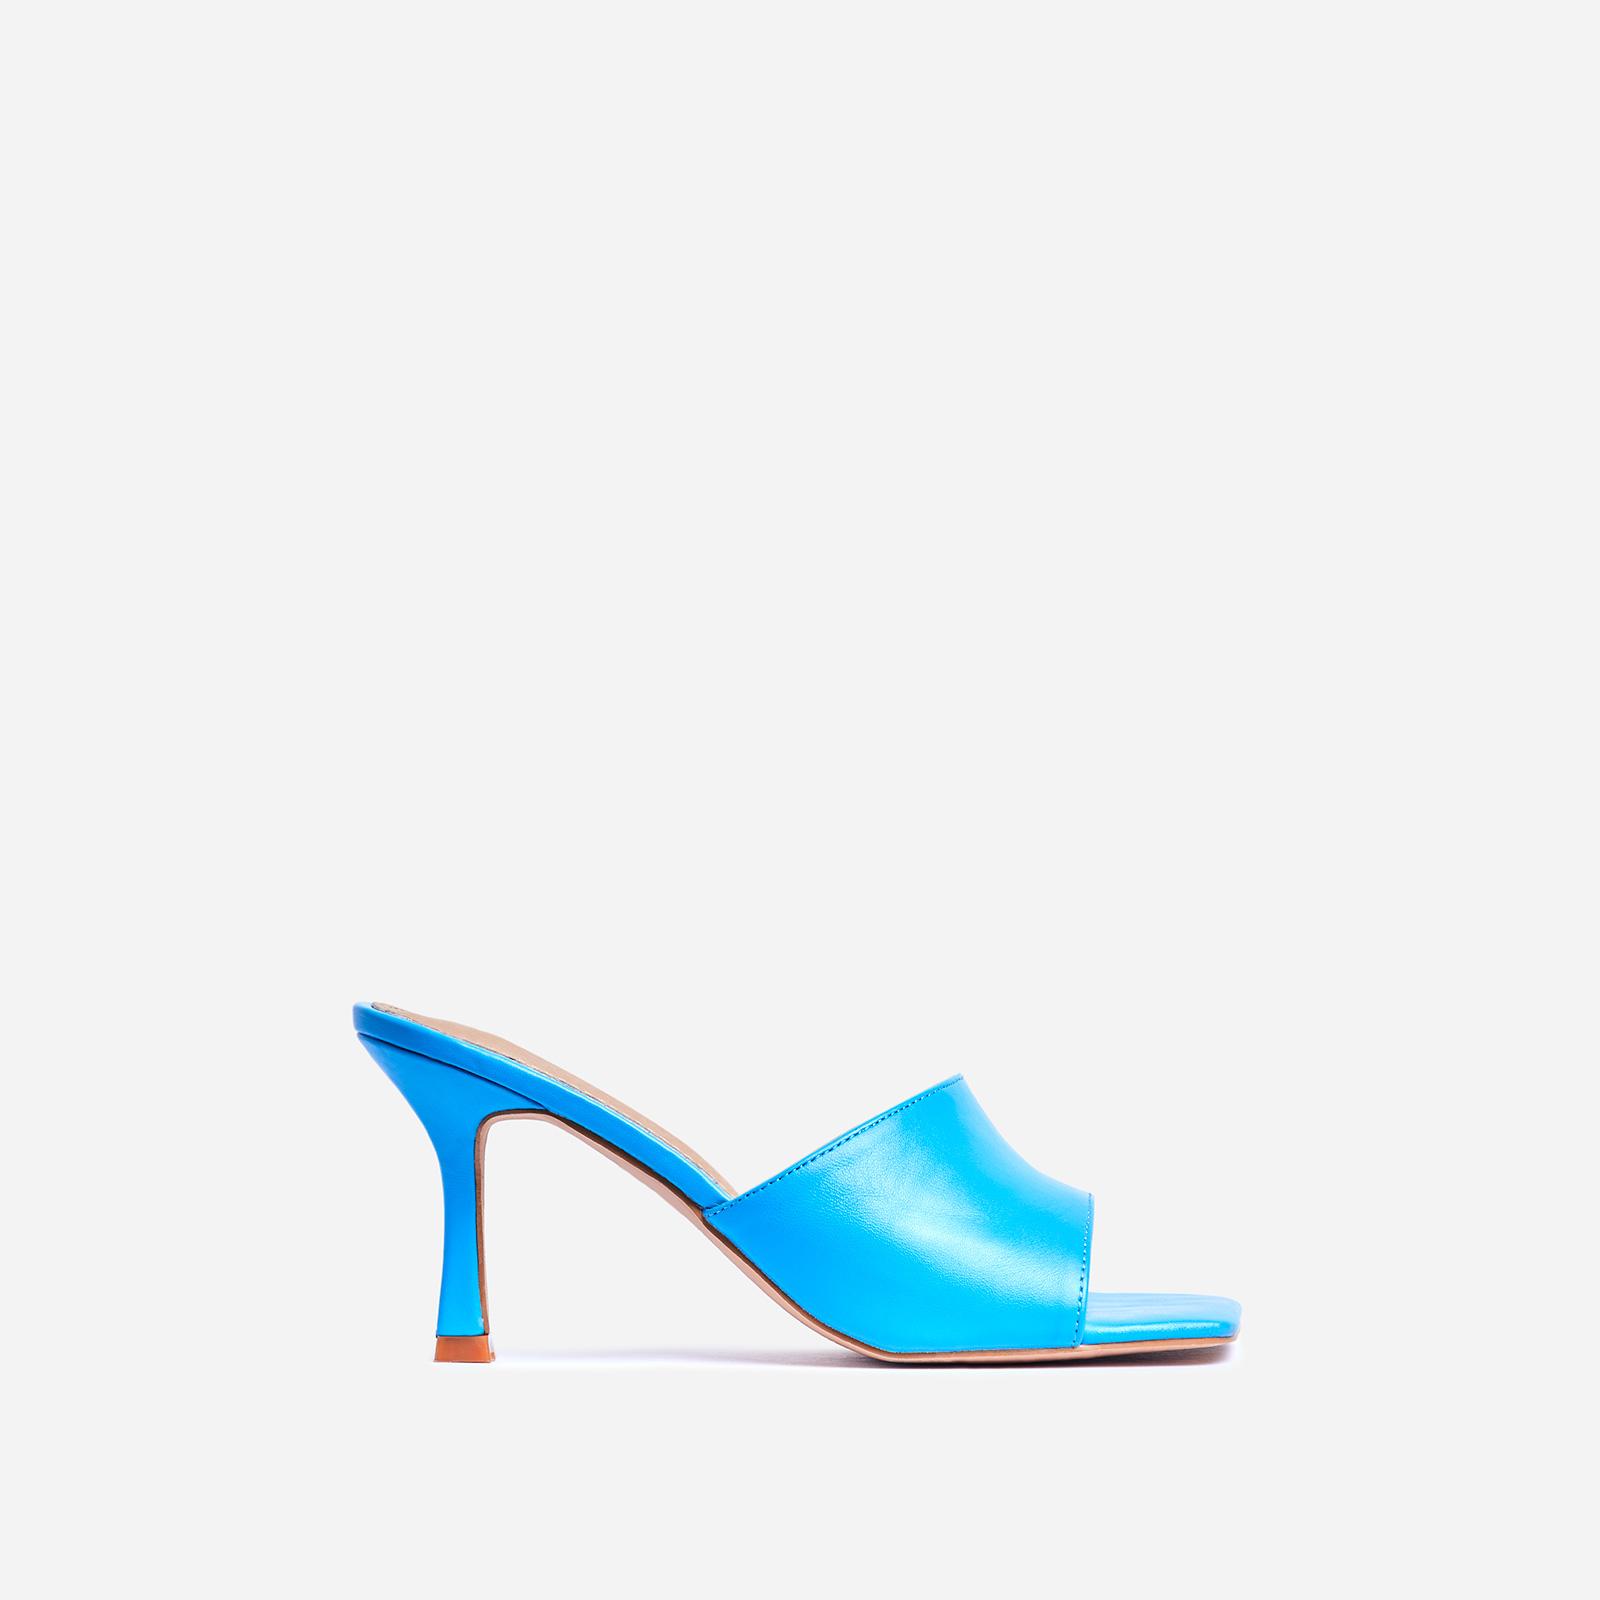 Hilton Square Peep Toe Kitten Heel Mule In Blue Faux Leather